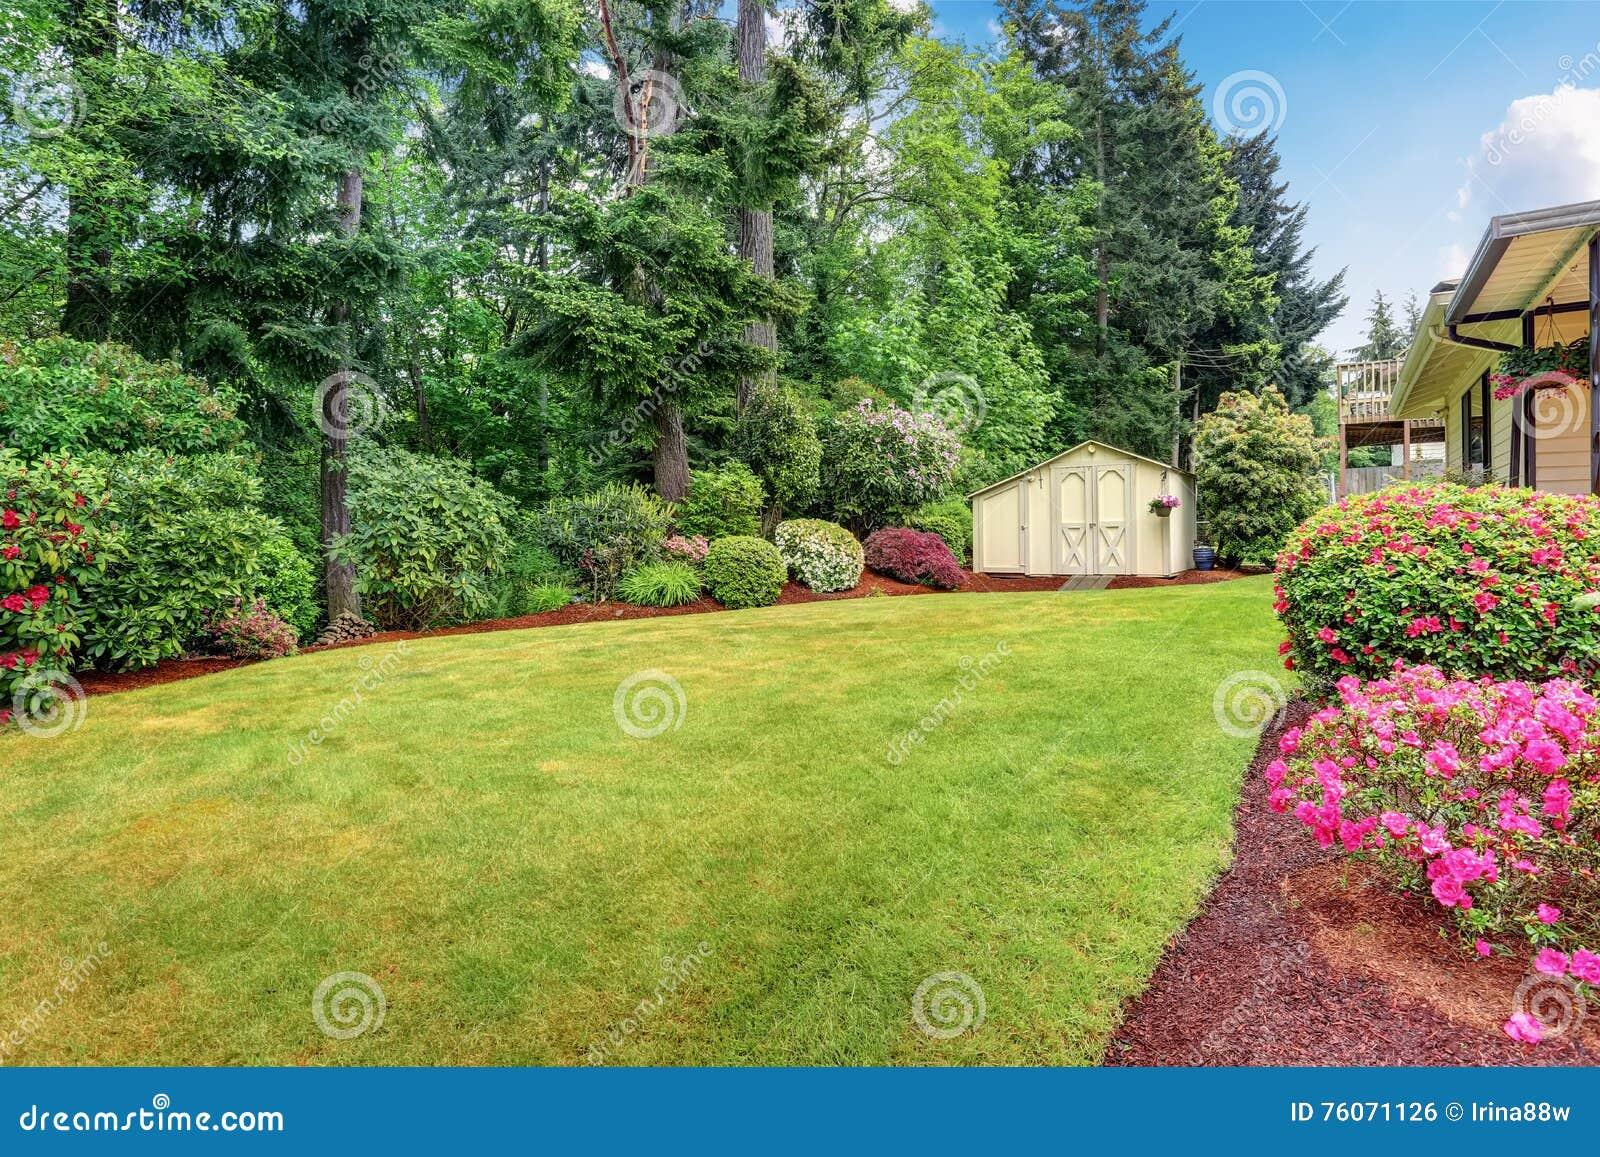 Struiken Met Bloemen Voor In De Tuin.Goed Gehouden Tuin Bij Binnenplaats Met Bomen Struiken En